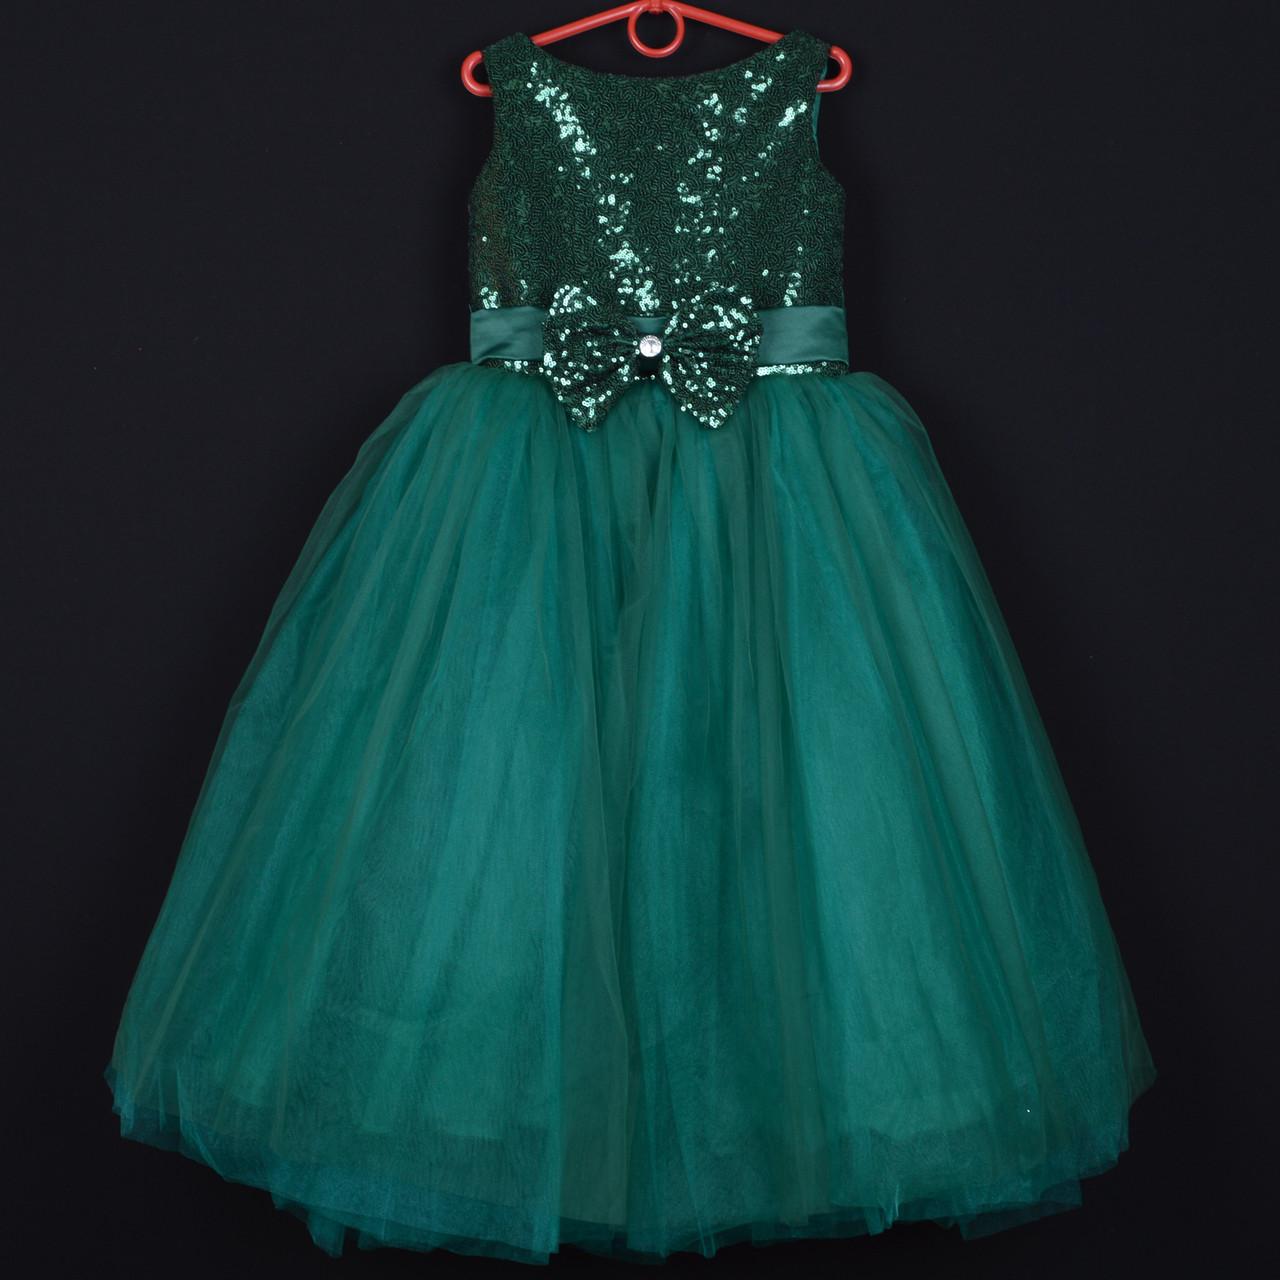 """Платье нарядное детское """"Зарина"""" с пайетками. 7-8 лет. Зеленое. Оптом и в розницу"""